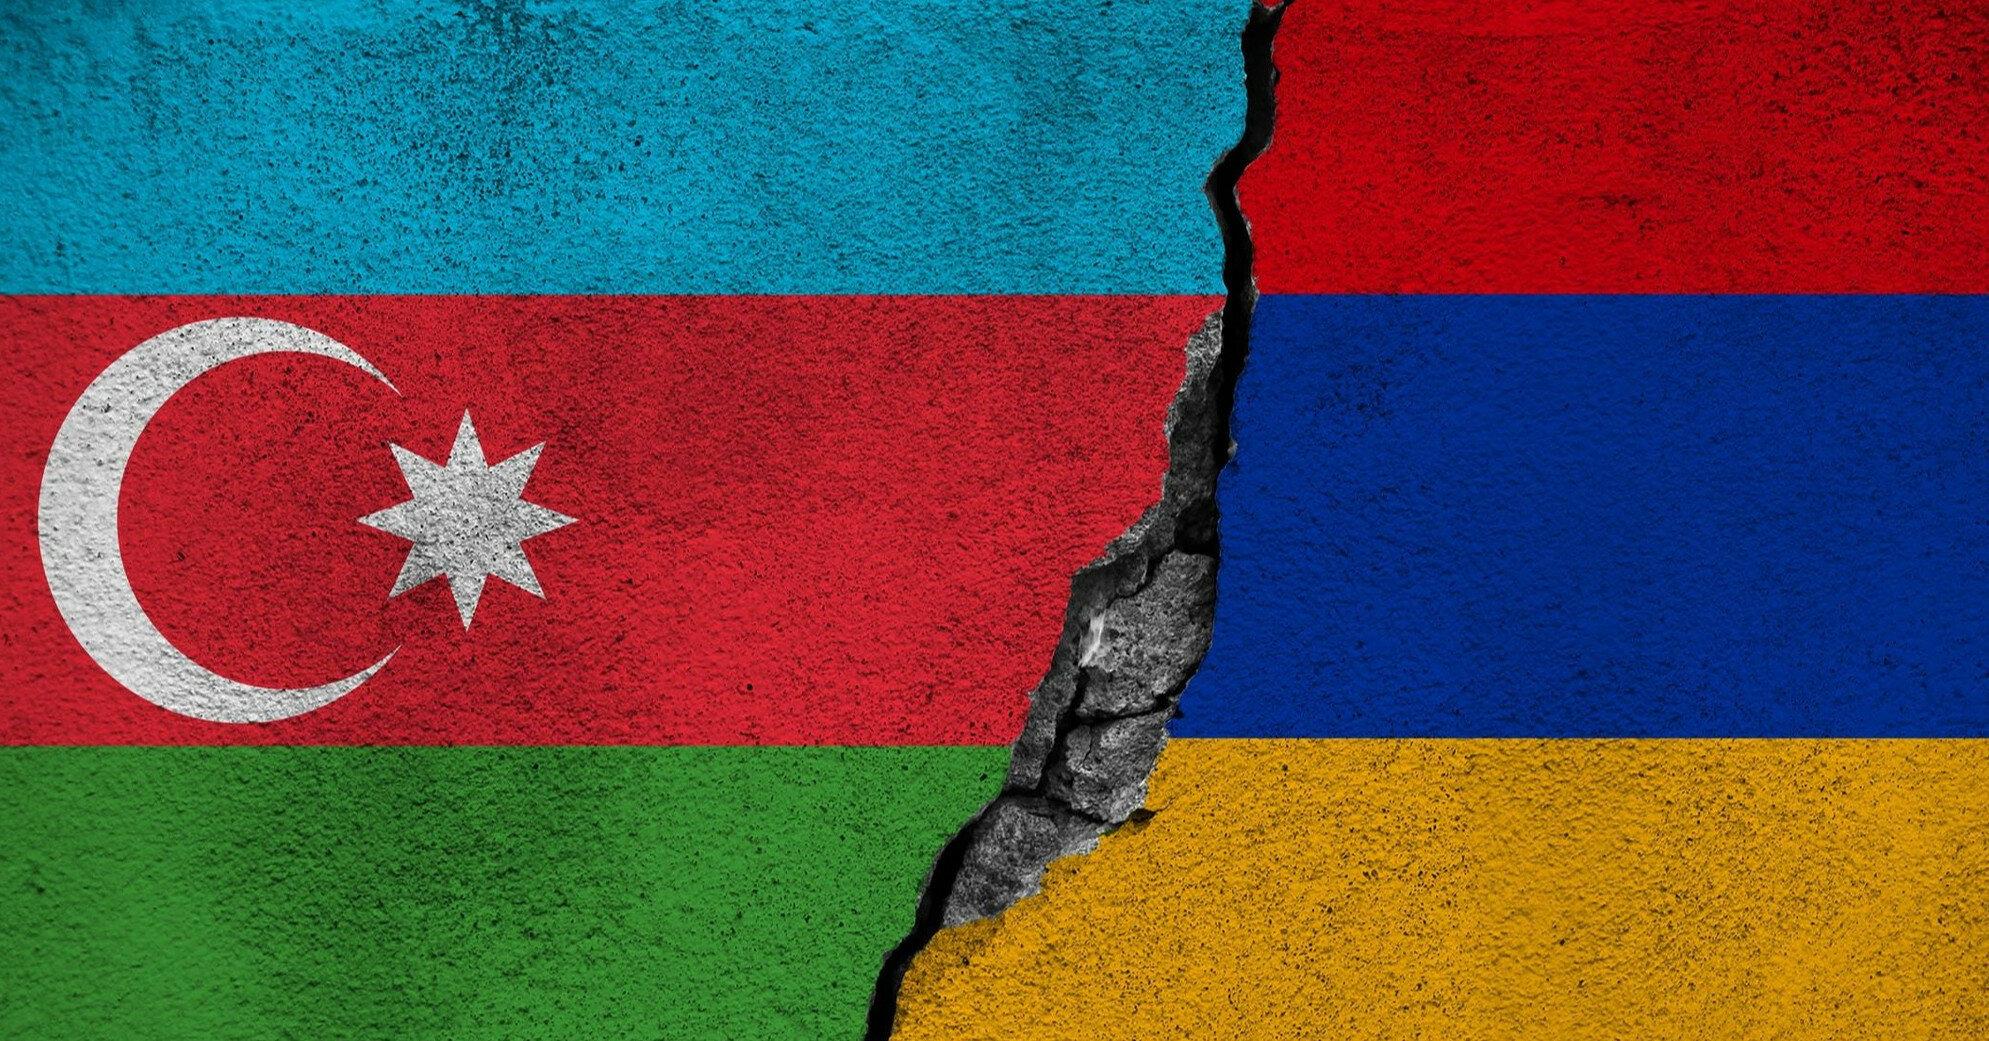 Военные Армении и Азербайджана обвинили друг друга в обстрелах своих позиций